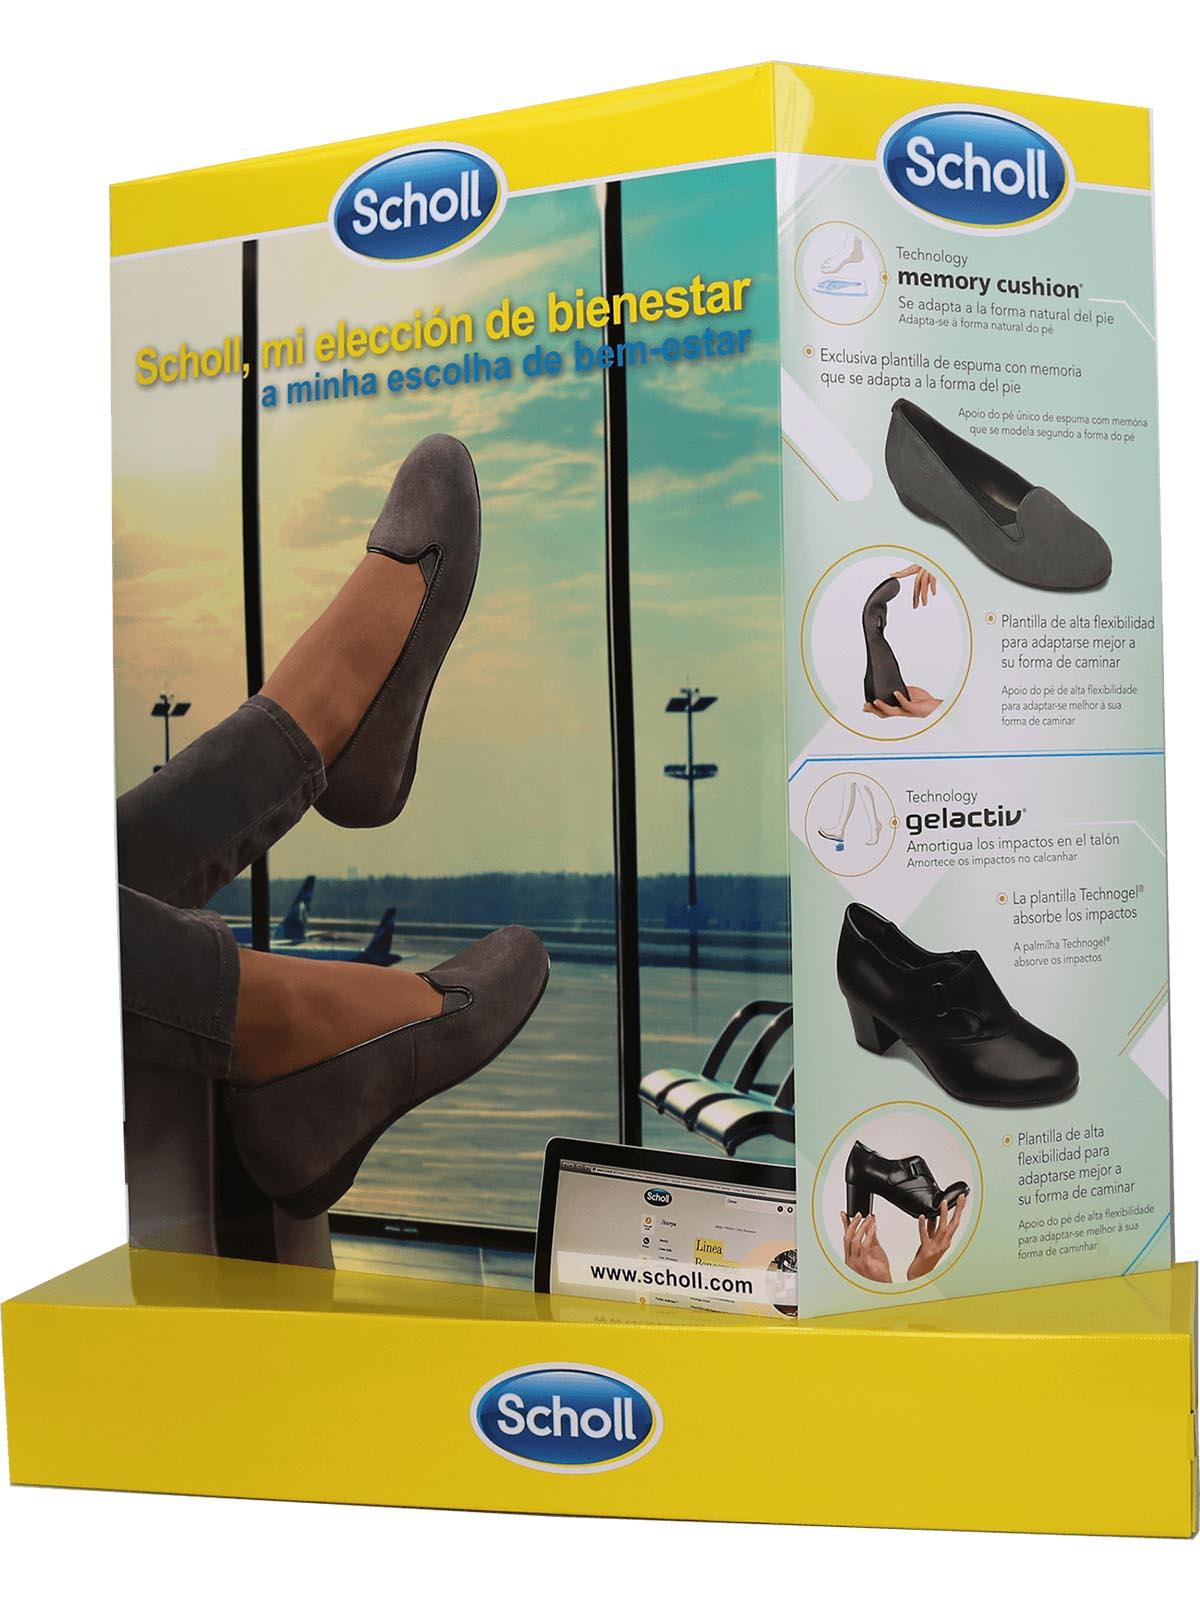 a5bc98a6bc269 Totem pubblicitario Dr Scholl  espositori per il punto vendita e la ...